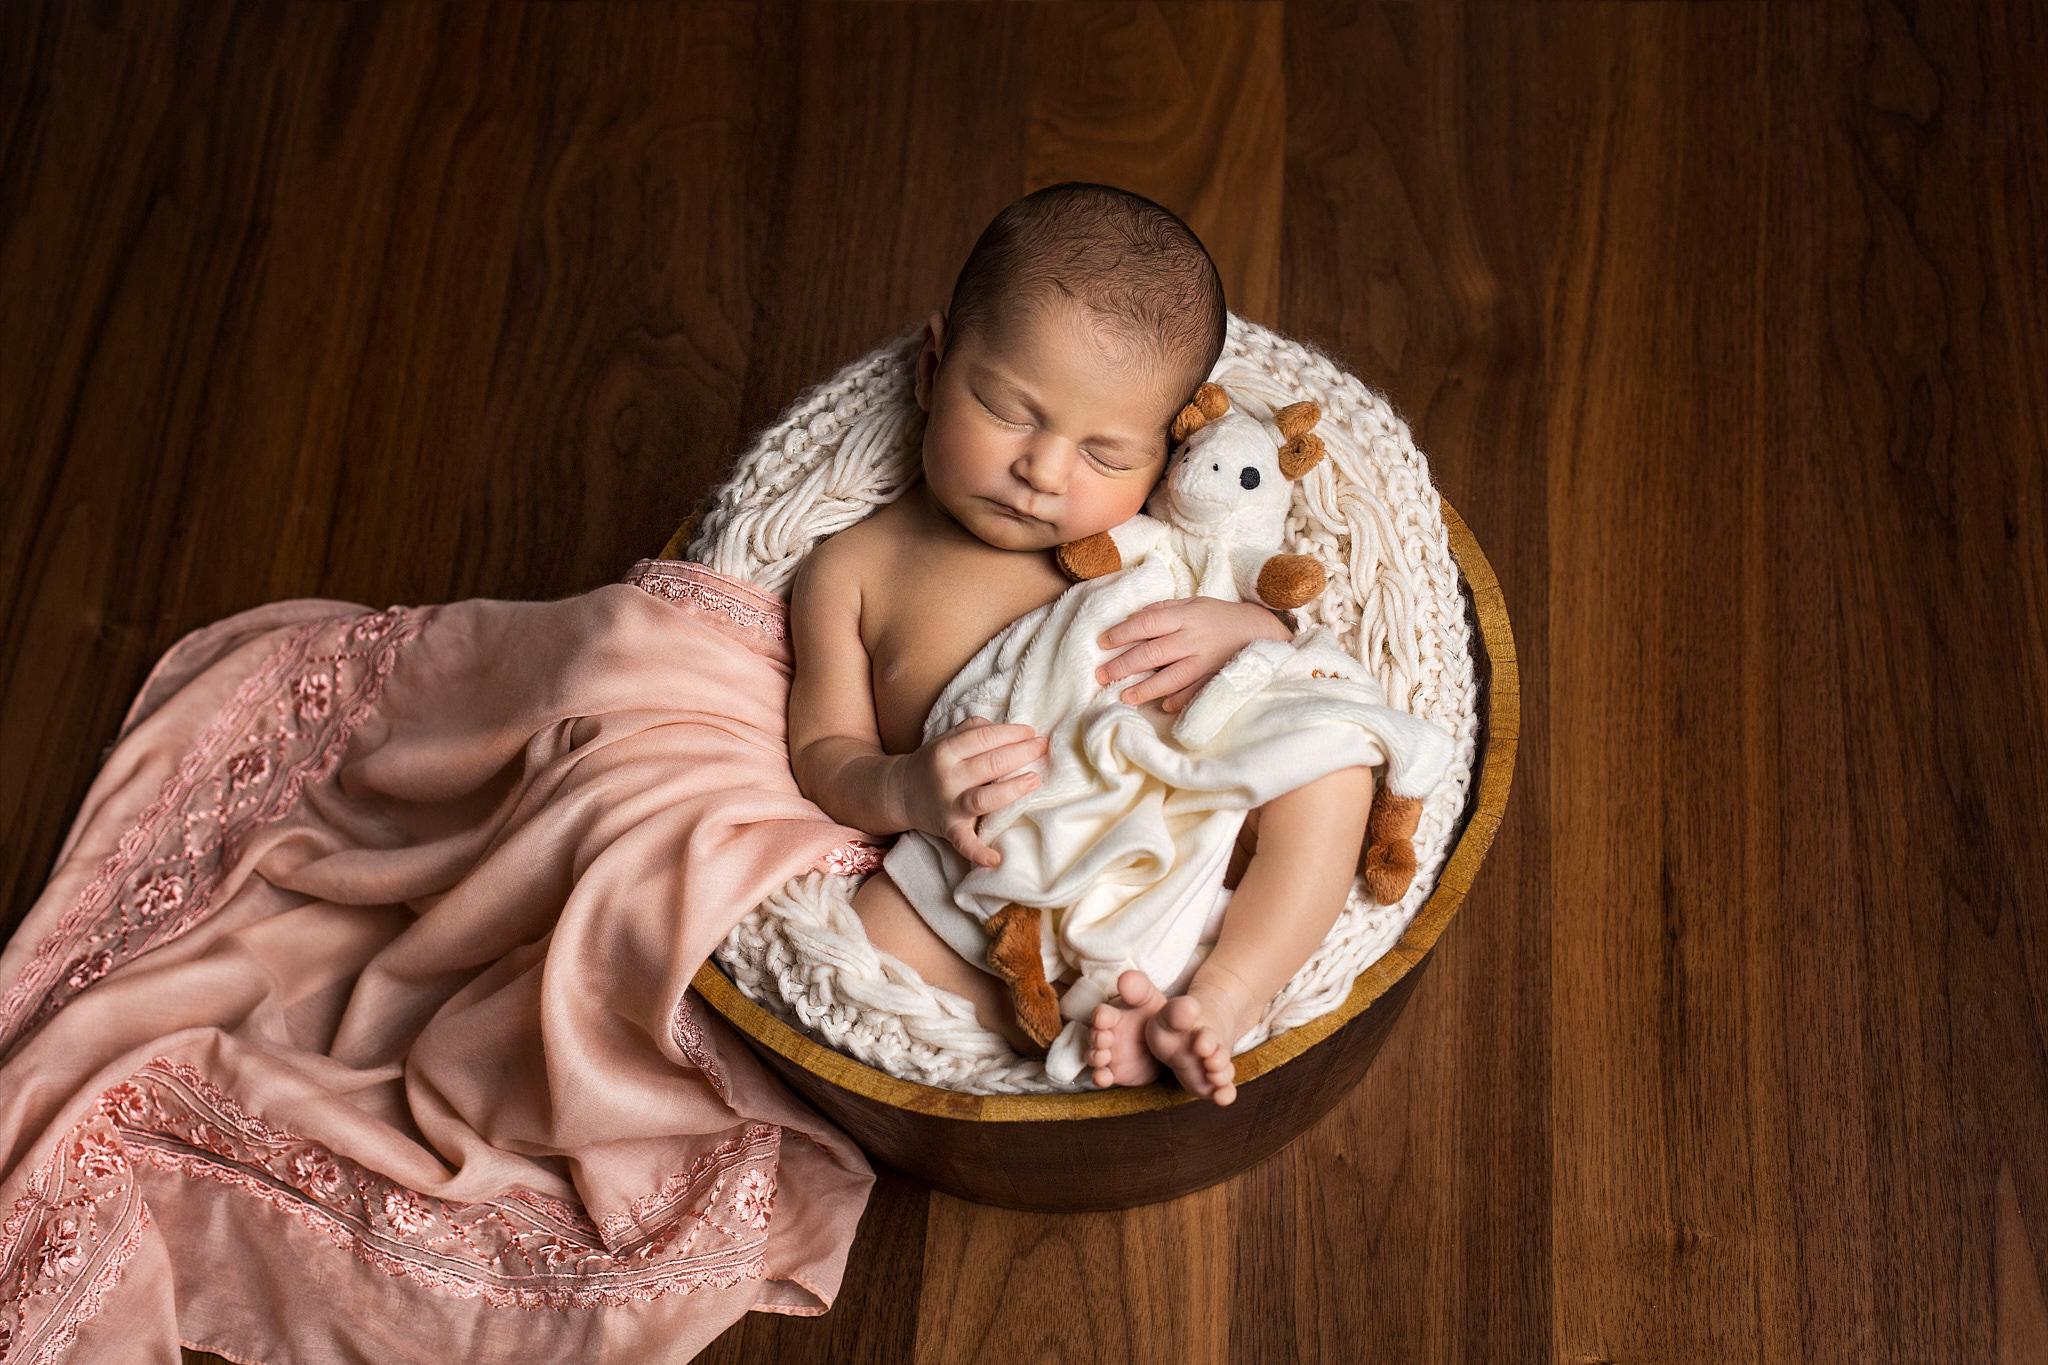 foto de Galerie séance photo Nouveau né — Happy comme Baby photographe ...